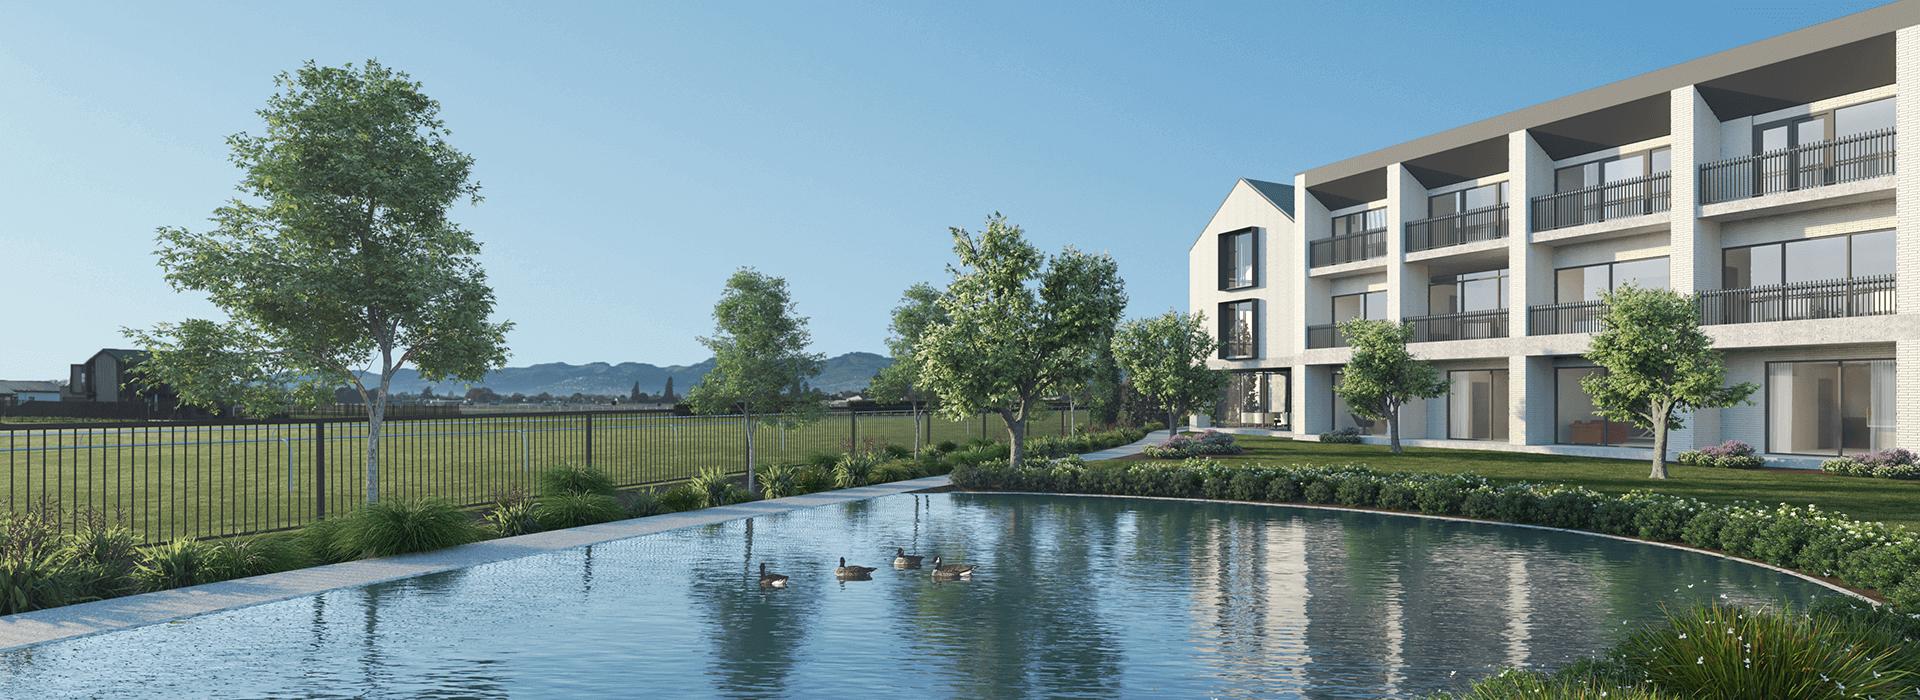 Riccarton-park-retirement-village-pond